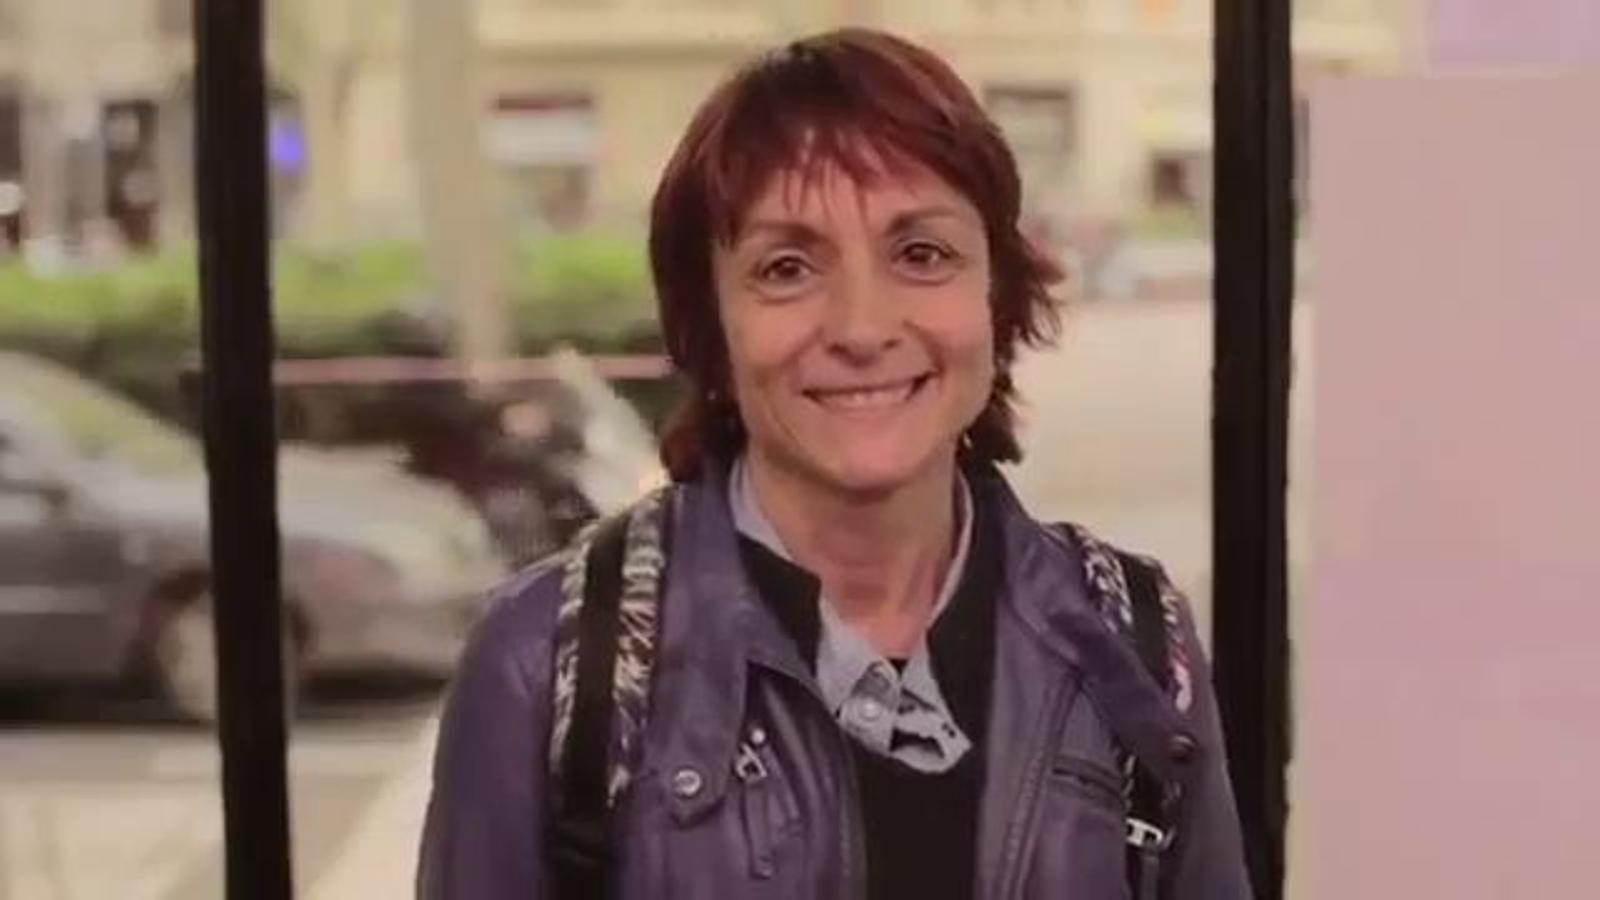 'Fes com ells, estima el català!': el nou vídeo de Plataforma per la Llengua